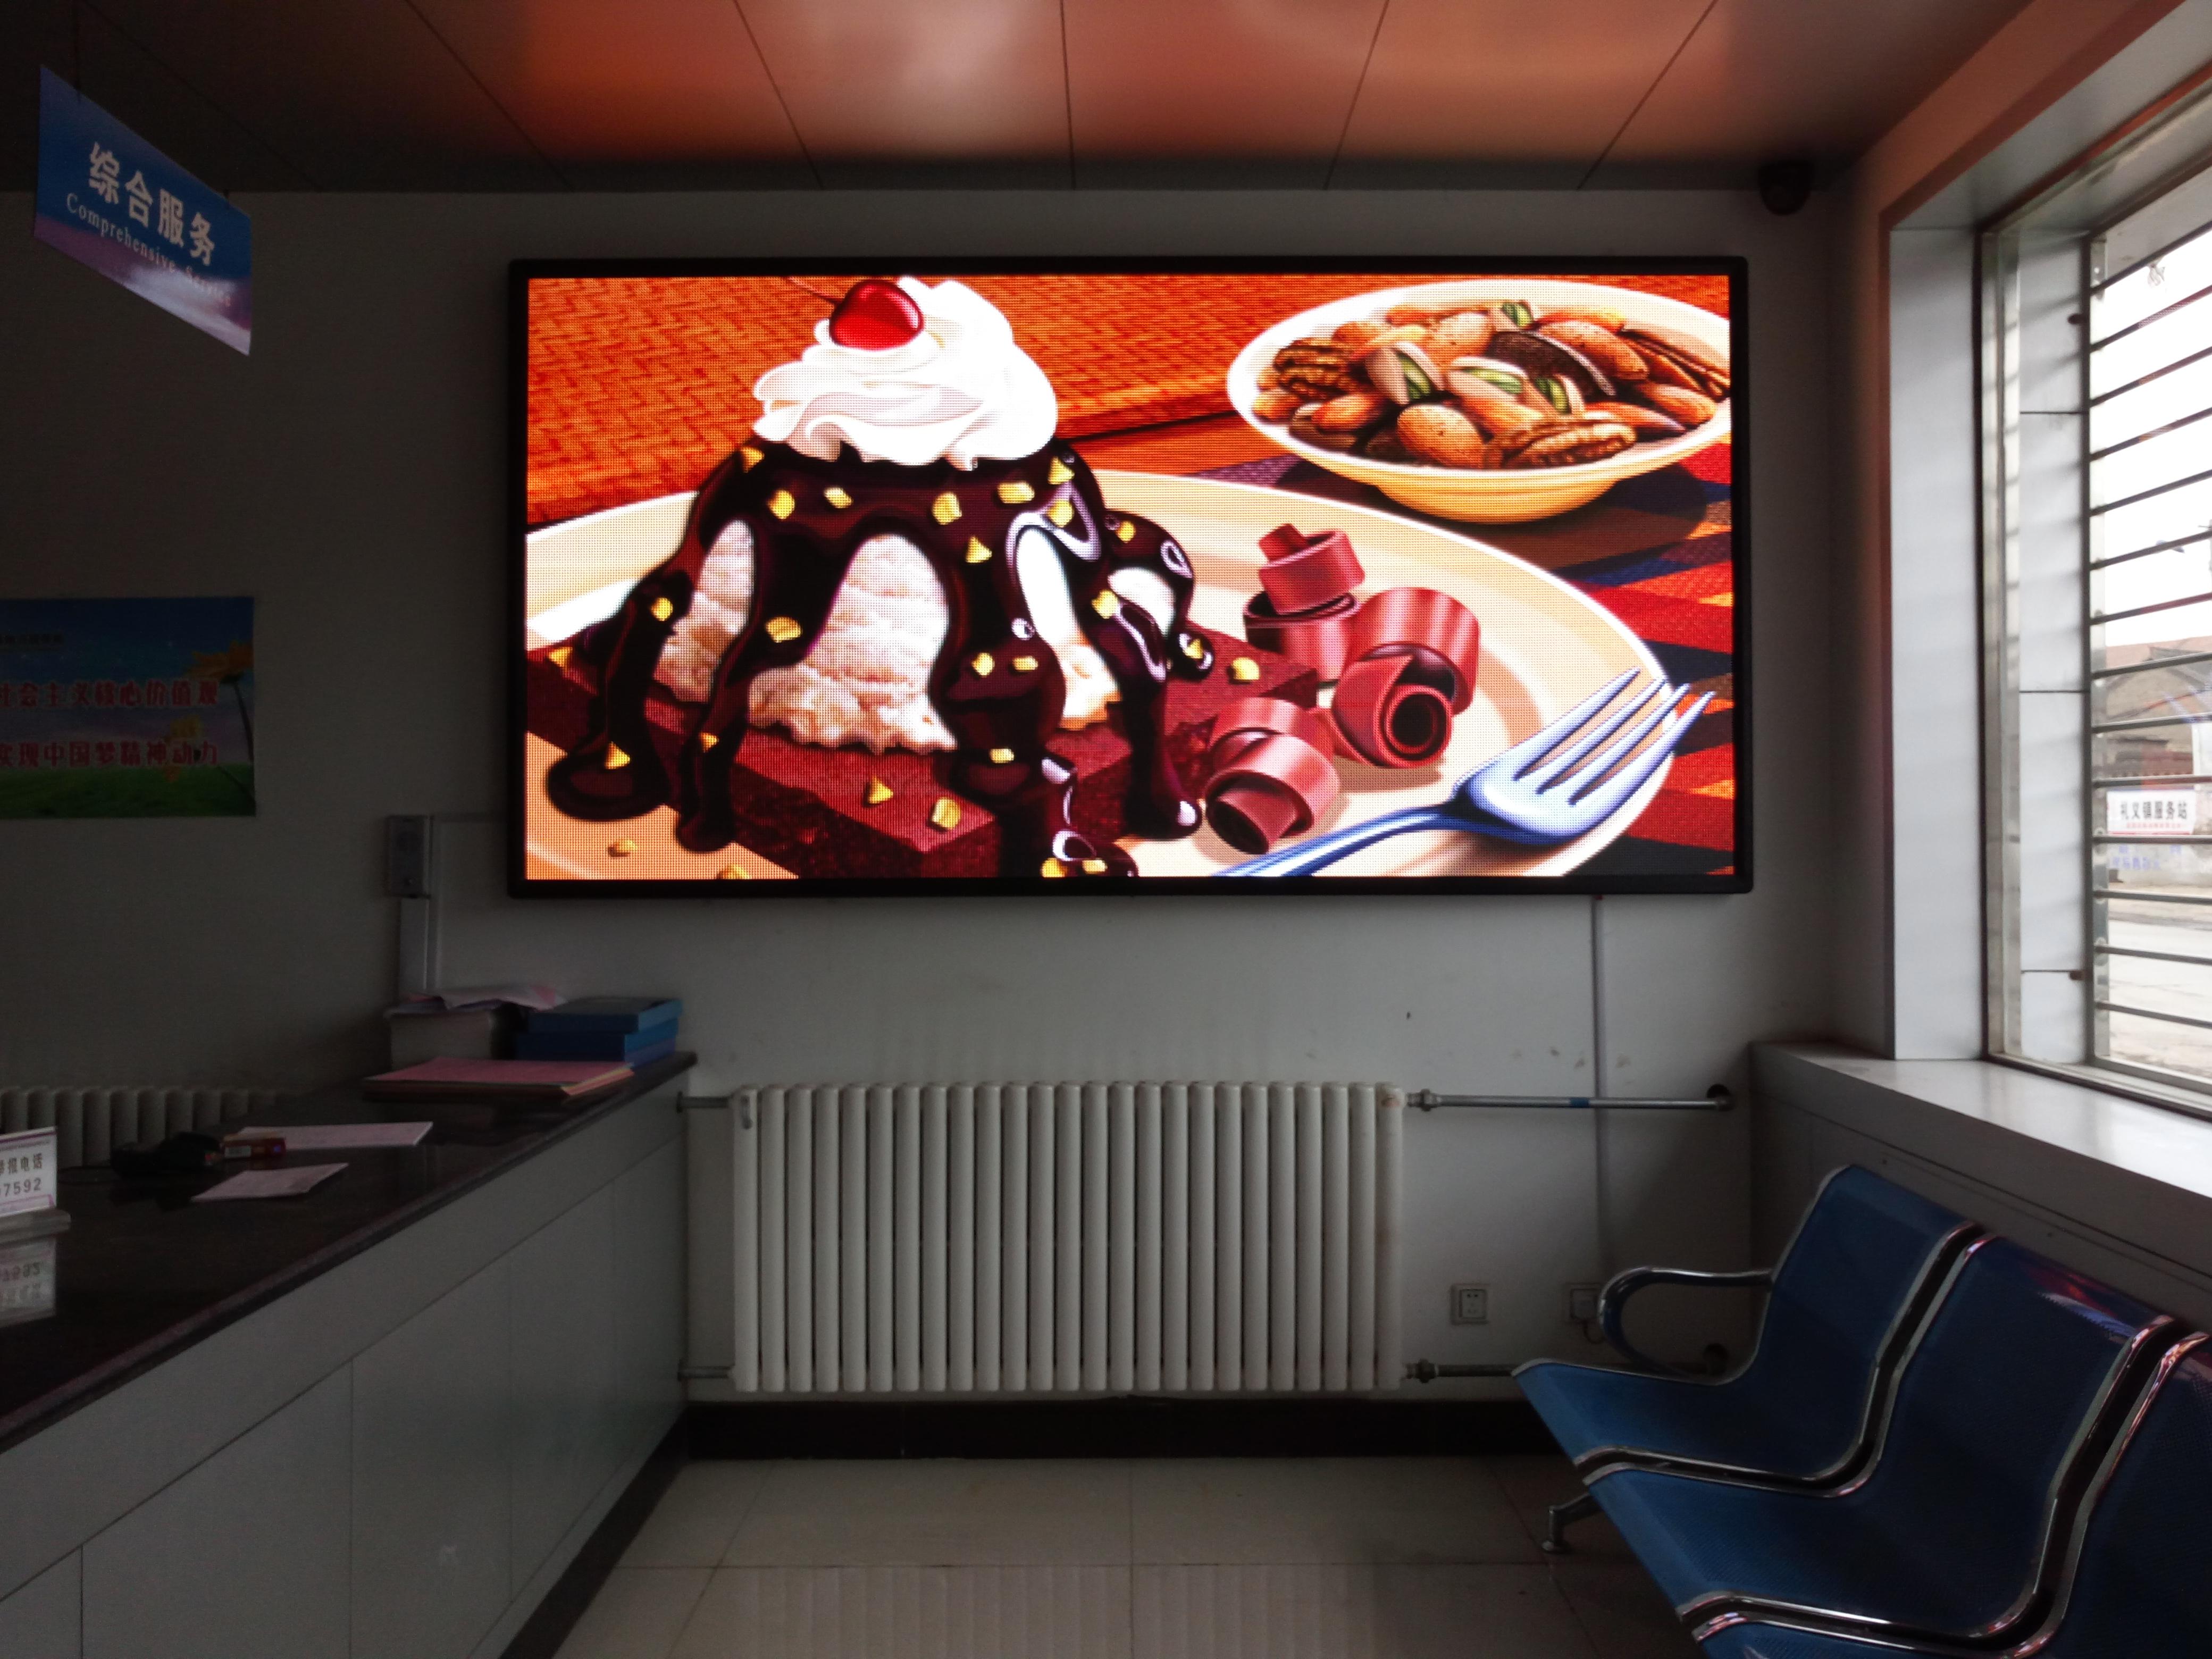 陵川某镇地税局室内P3全彩LED显示屏